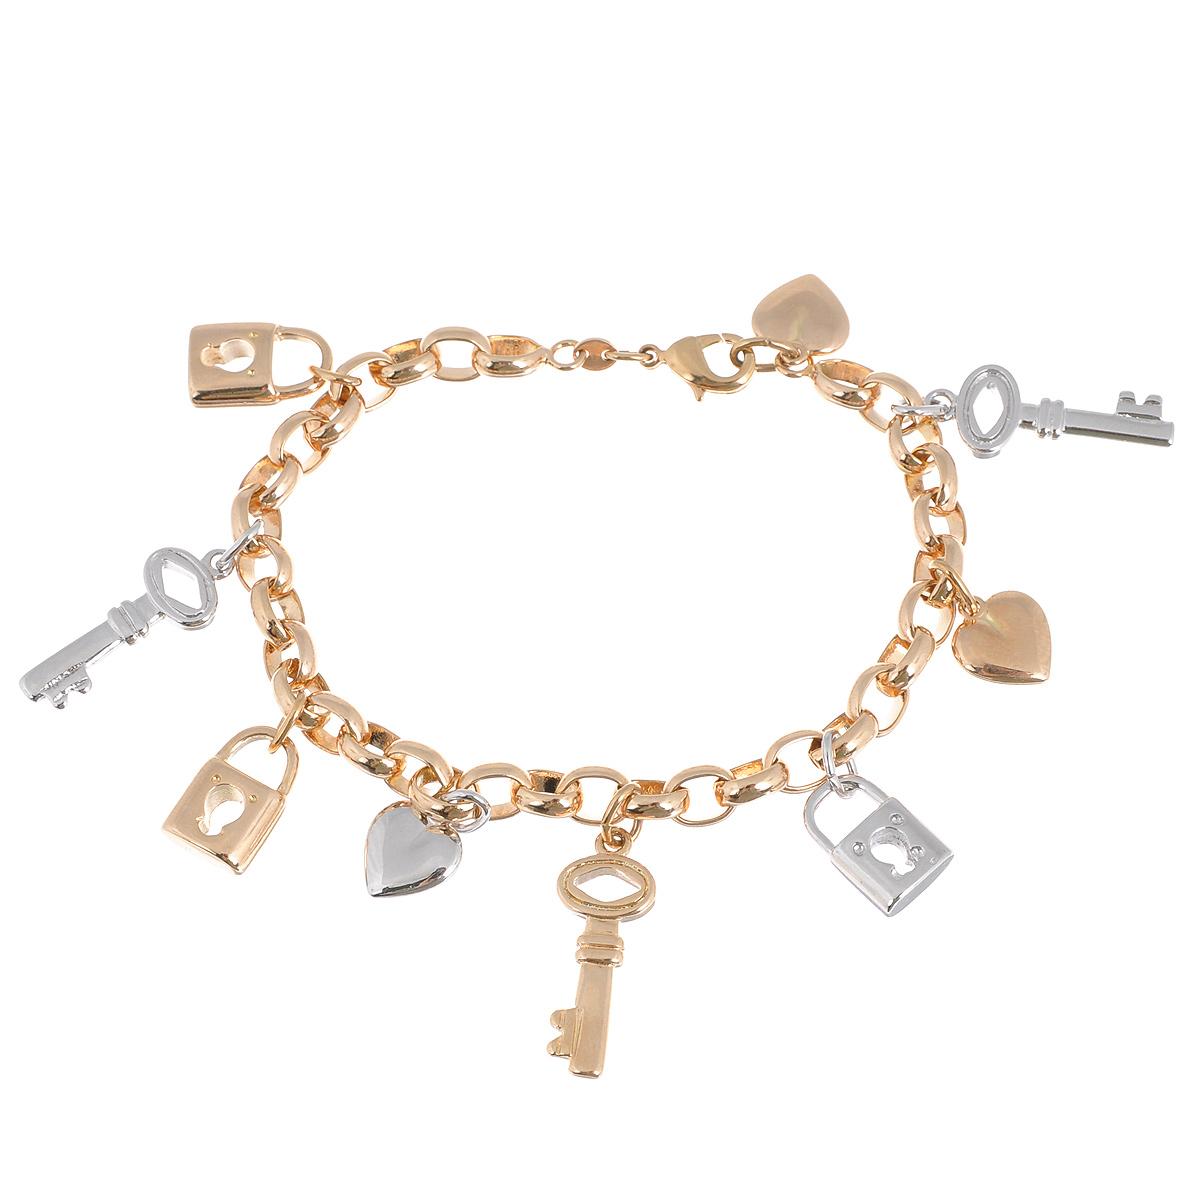 Браслет Taya, цвет: золотистый, серебристый. T-B-9408T-B-9408-BRAC-GOLDСтильный женский браслет Taya изготовлен из металлического сплава золотистого и цвета. Изделие дополнено подвесками в виде декоративных сердец, ключиков и замочков. Браслет застегивается на замок-карабин. Это необычное украшение отлично разбавит ваш повседневный образ, добавит в него изюминку. С помощью него вы сможете подчеркнуть свою индивидуальность и выделиться среди окружающих.